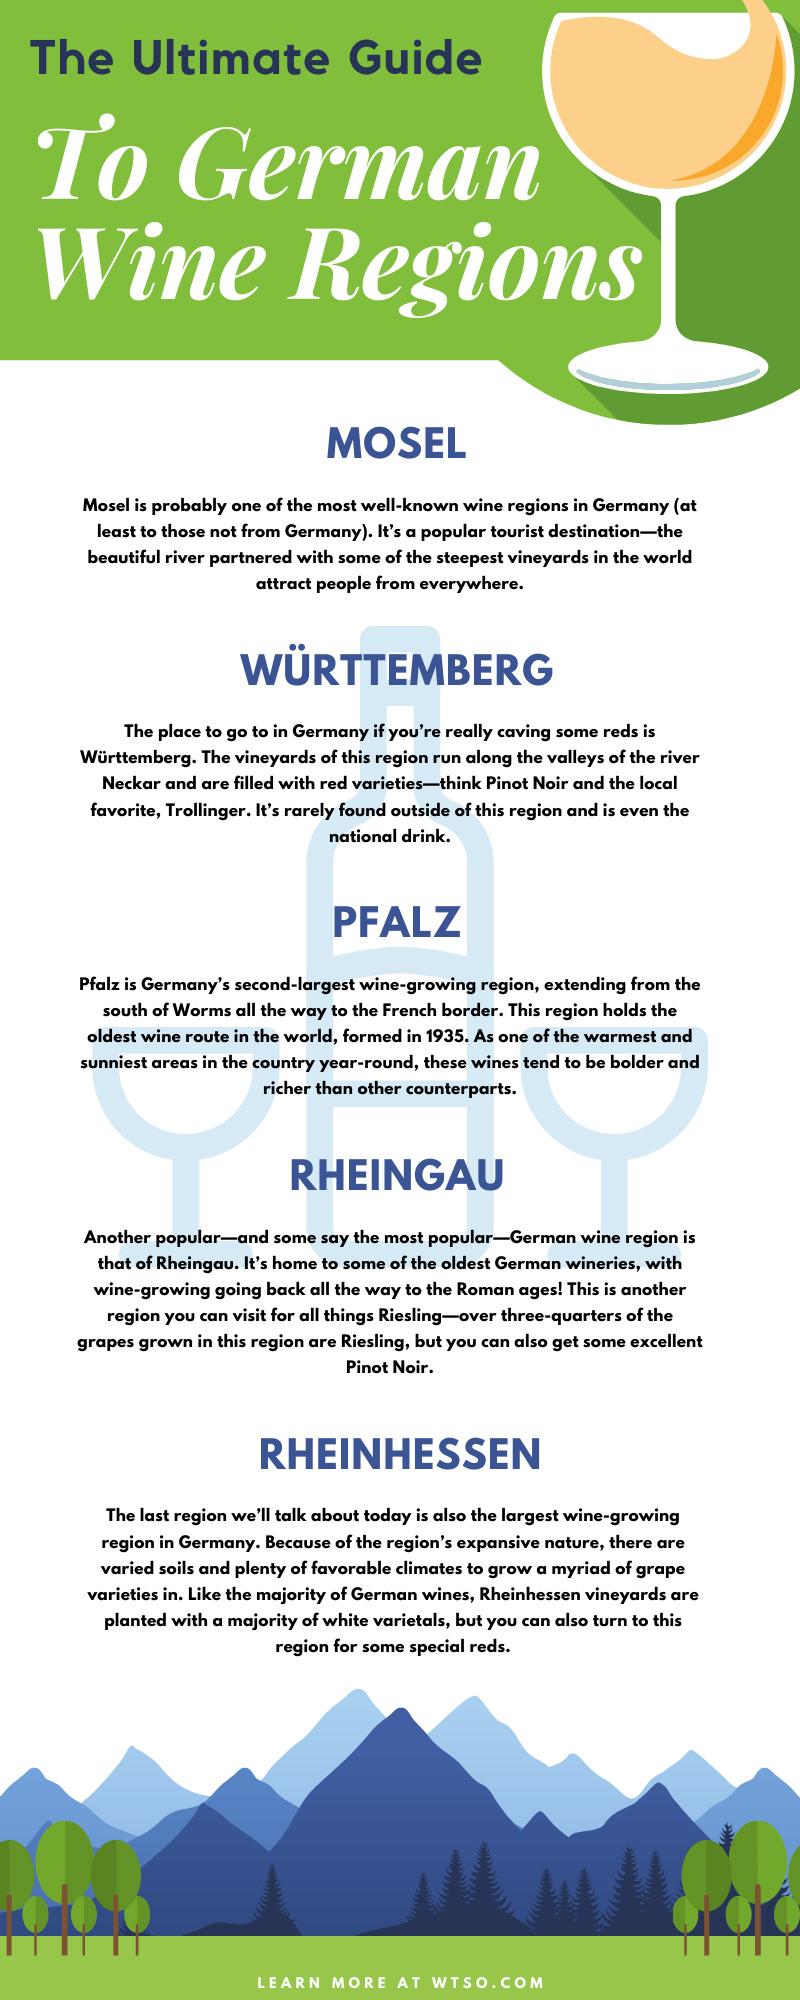 Guide To German Wine Regions